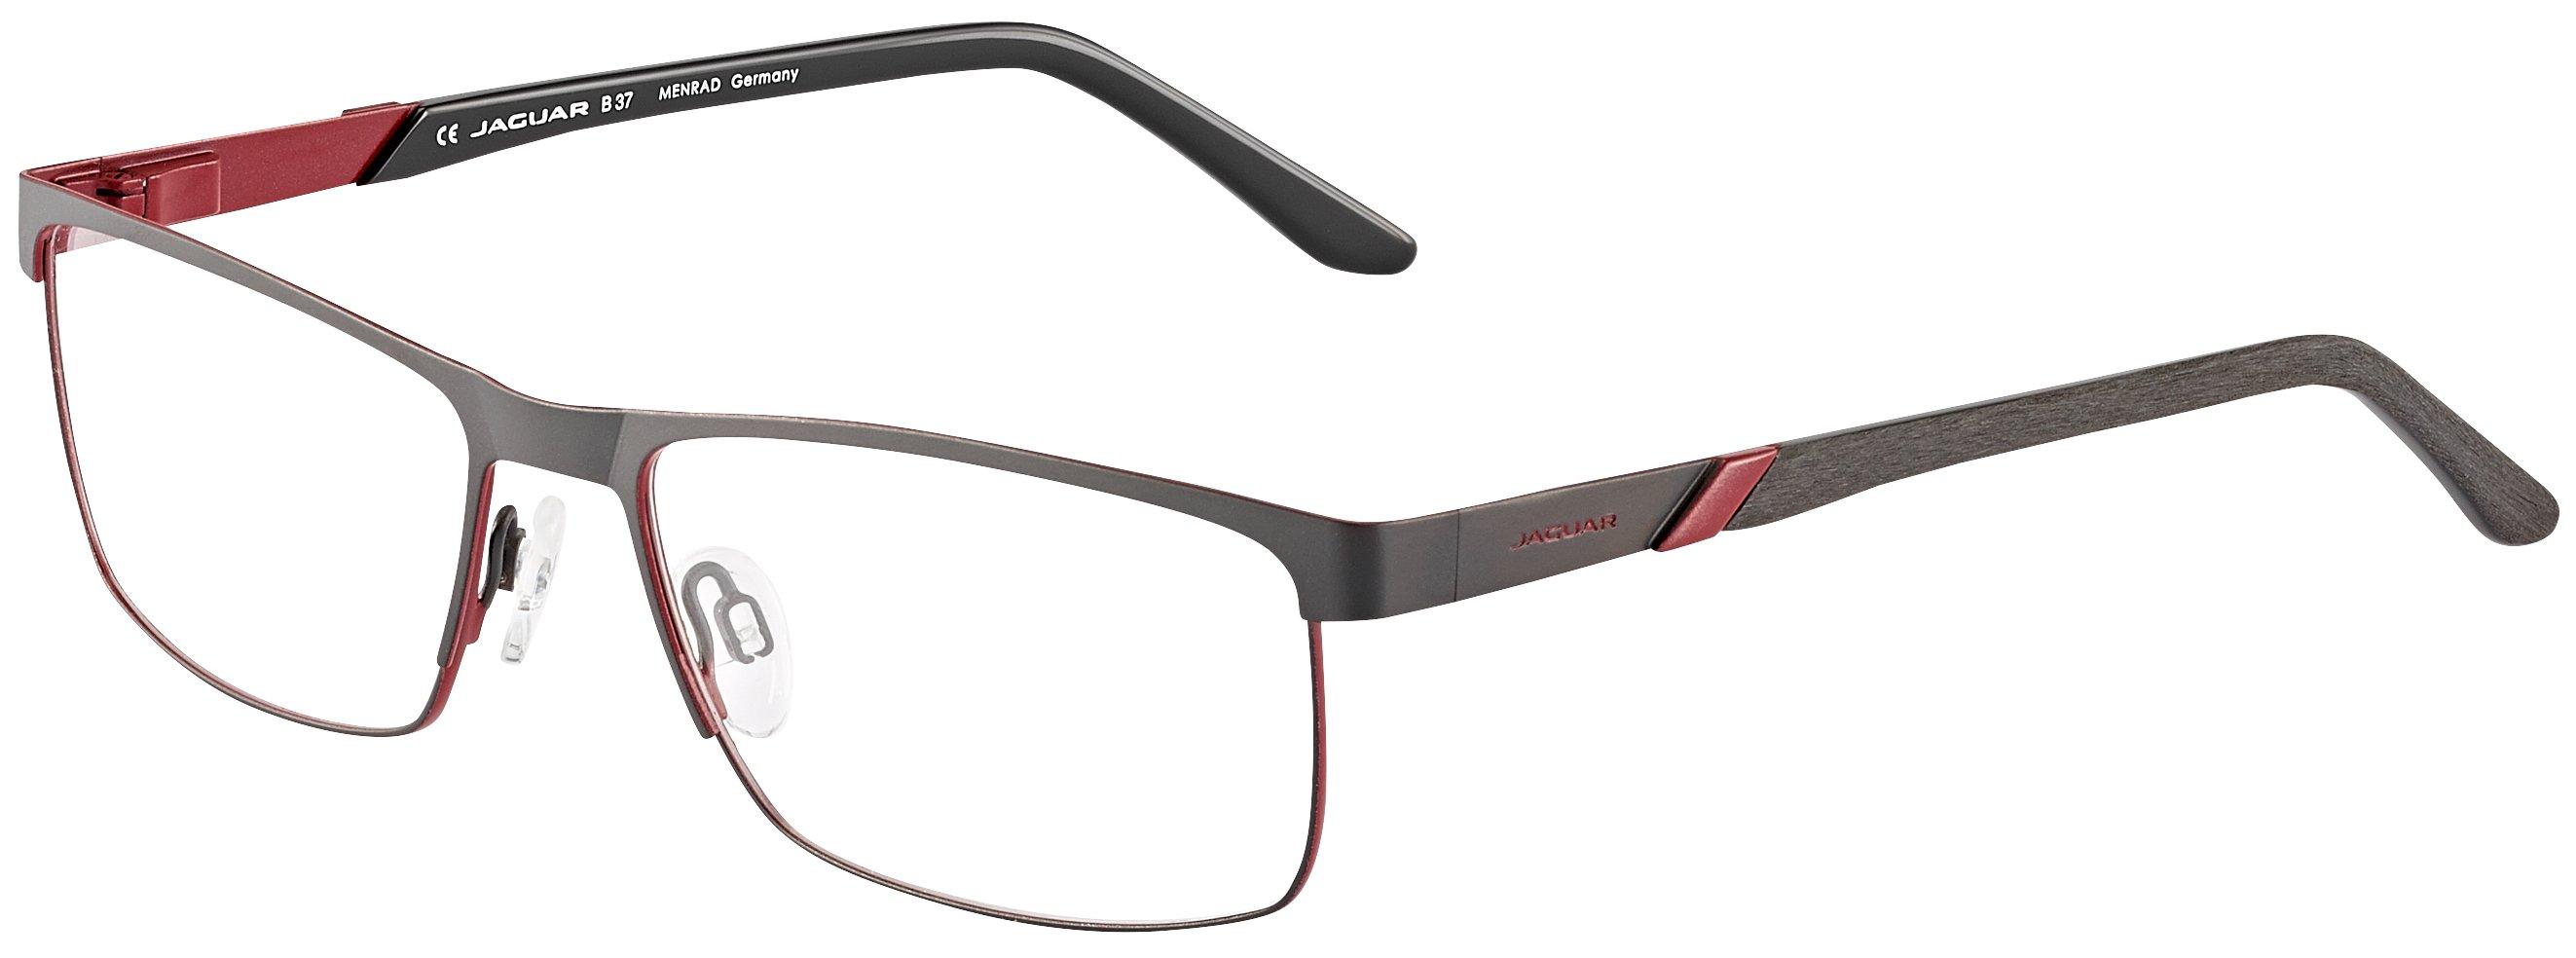 3c2091af3e Jaguar 33578 Eyeglass Frames w  Free S H — 3 models